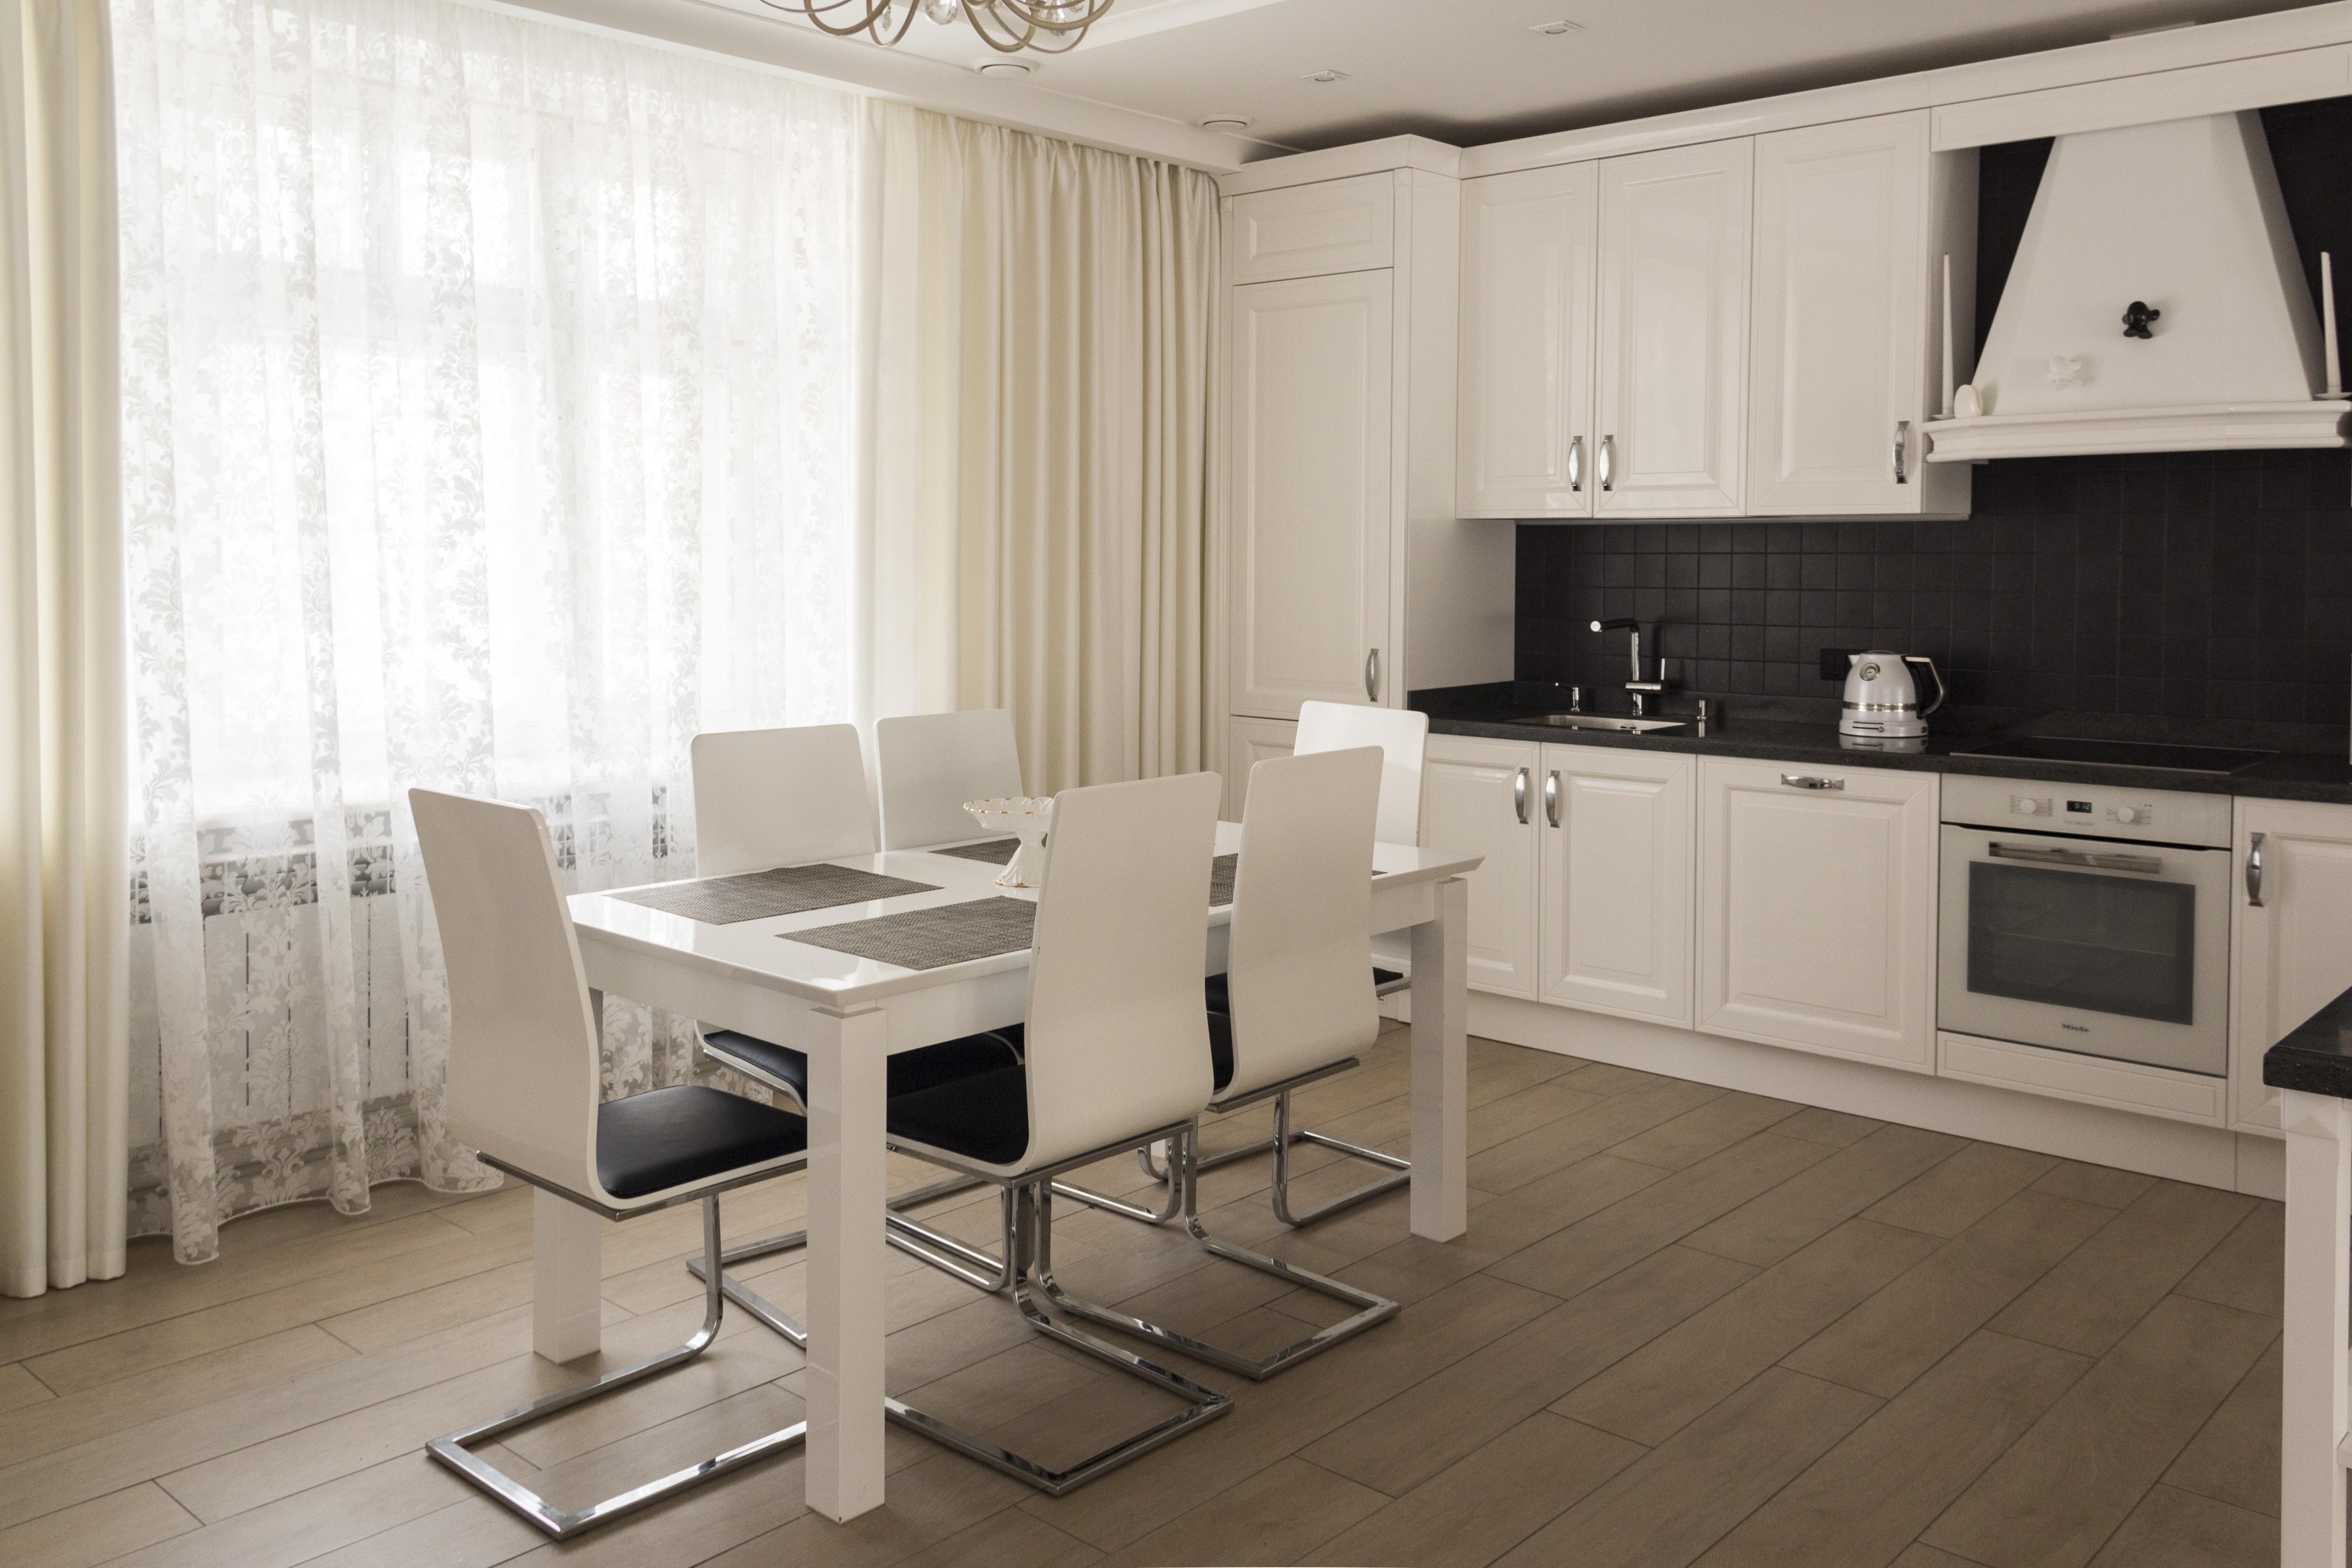 Апартаменты для гостей